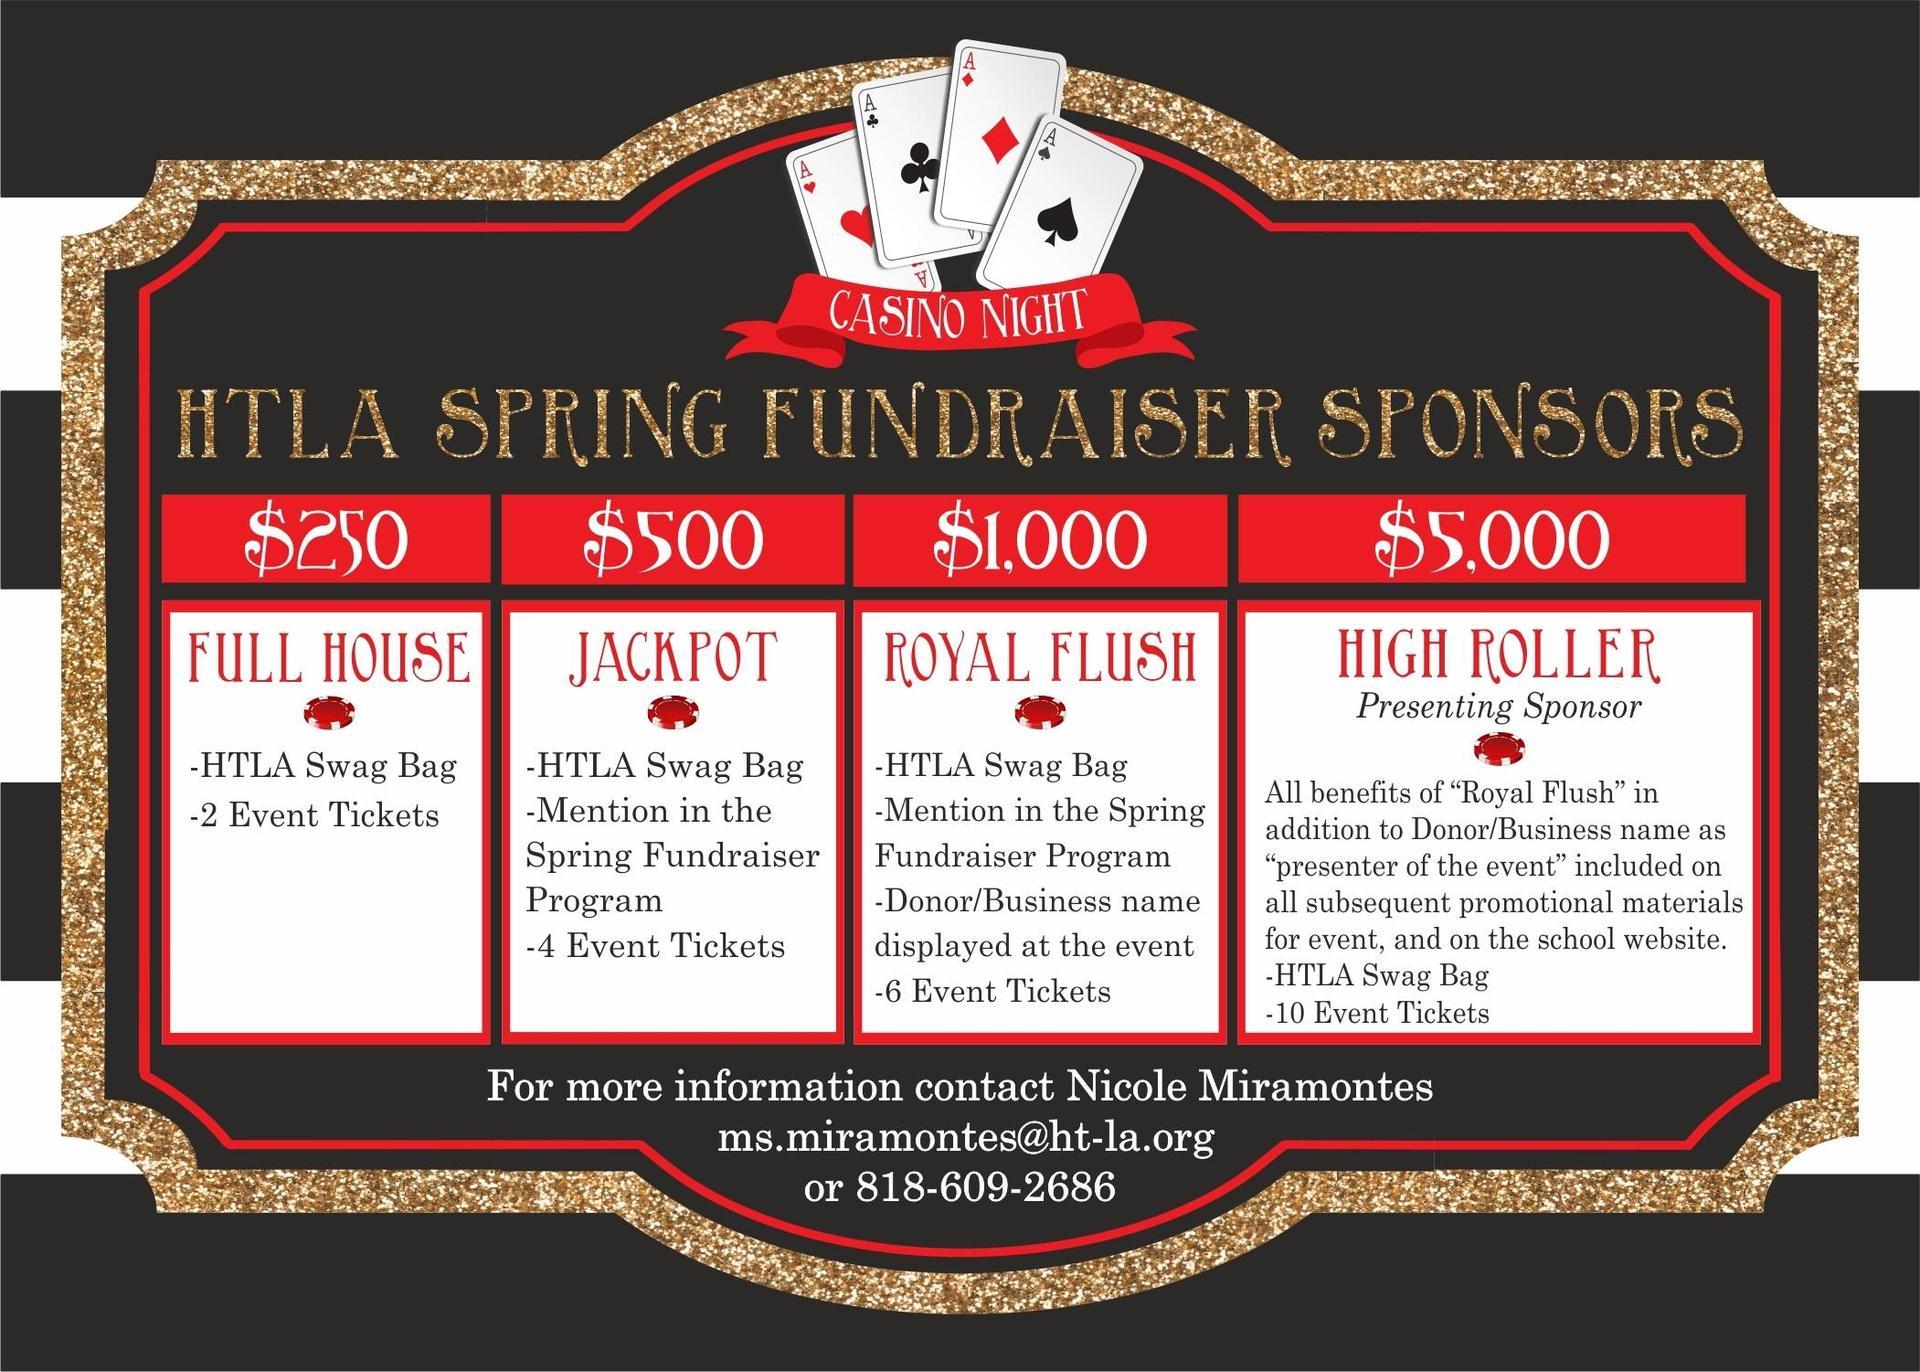 HTLA Spring Fundraiser Sponserships